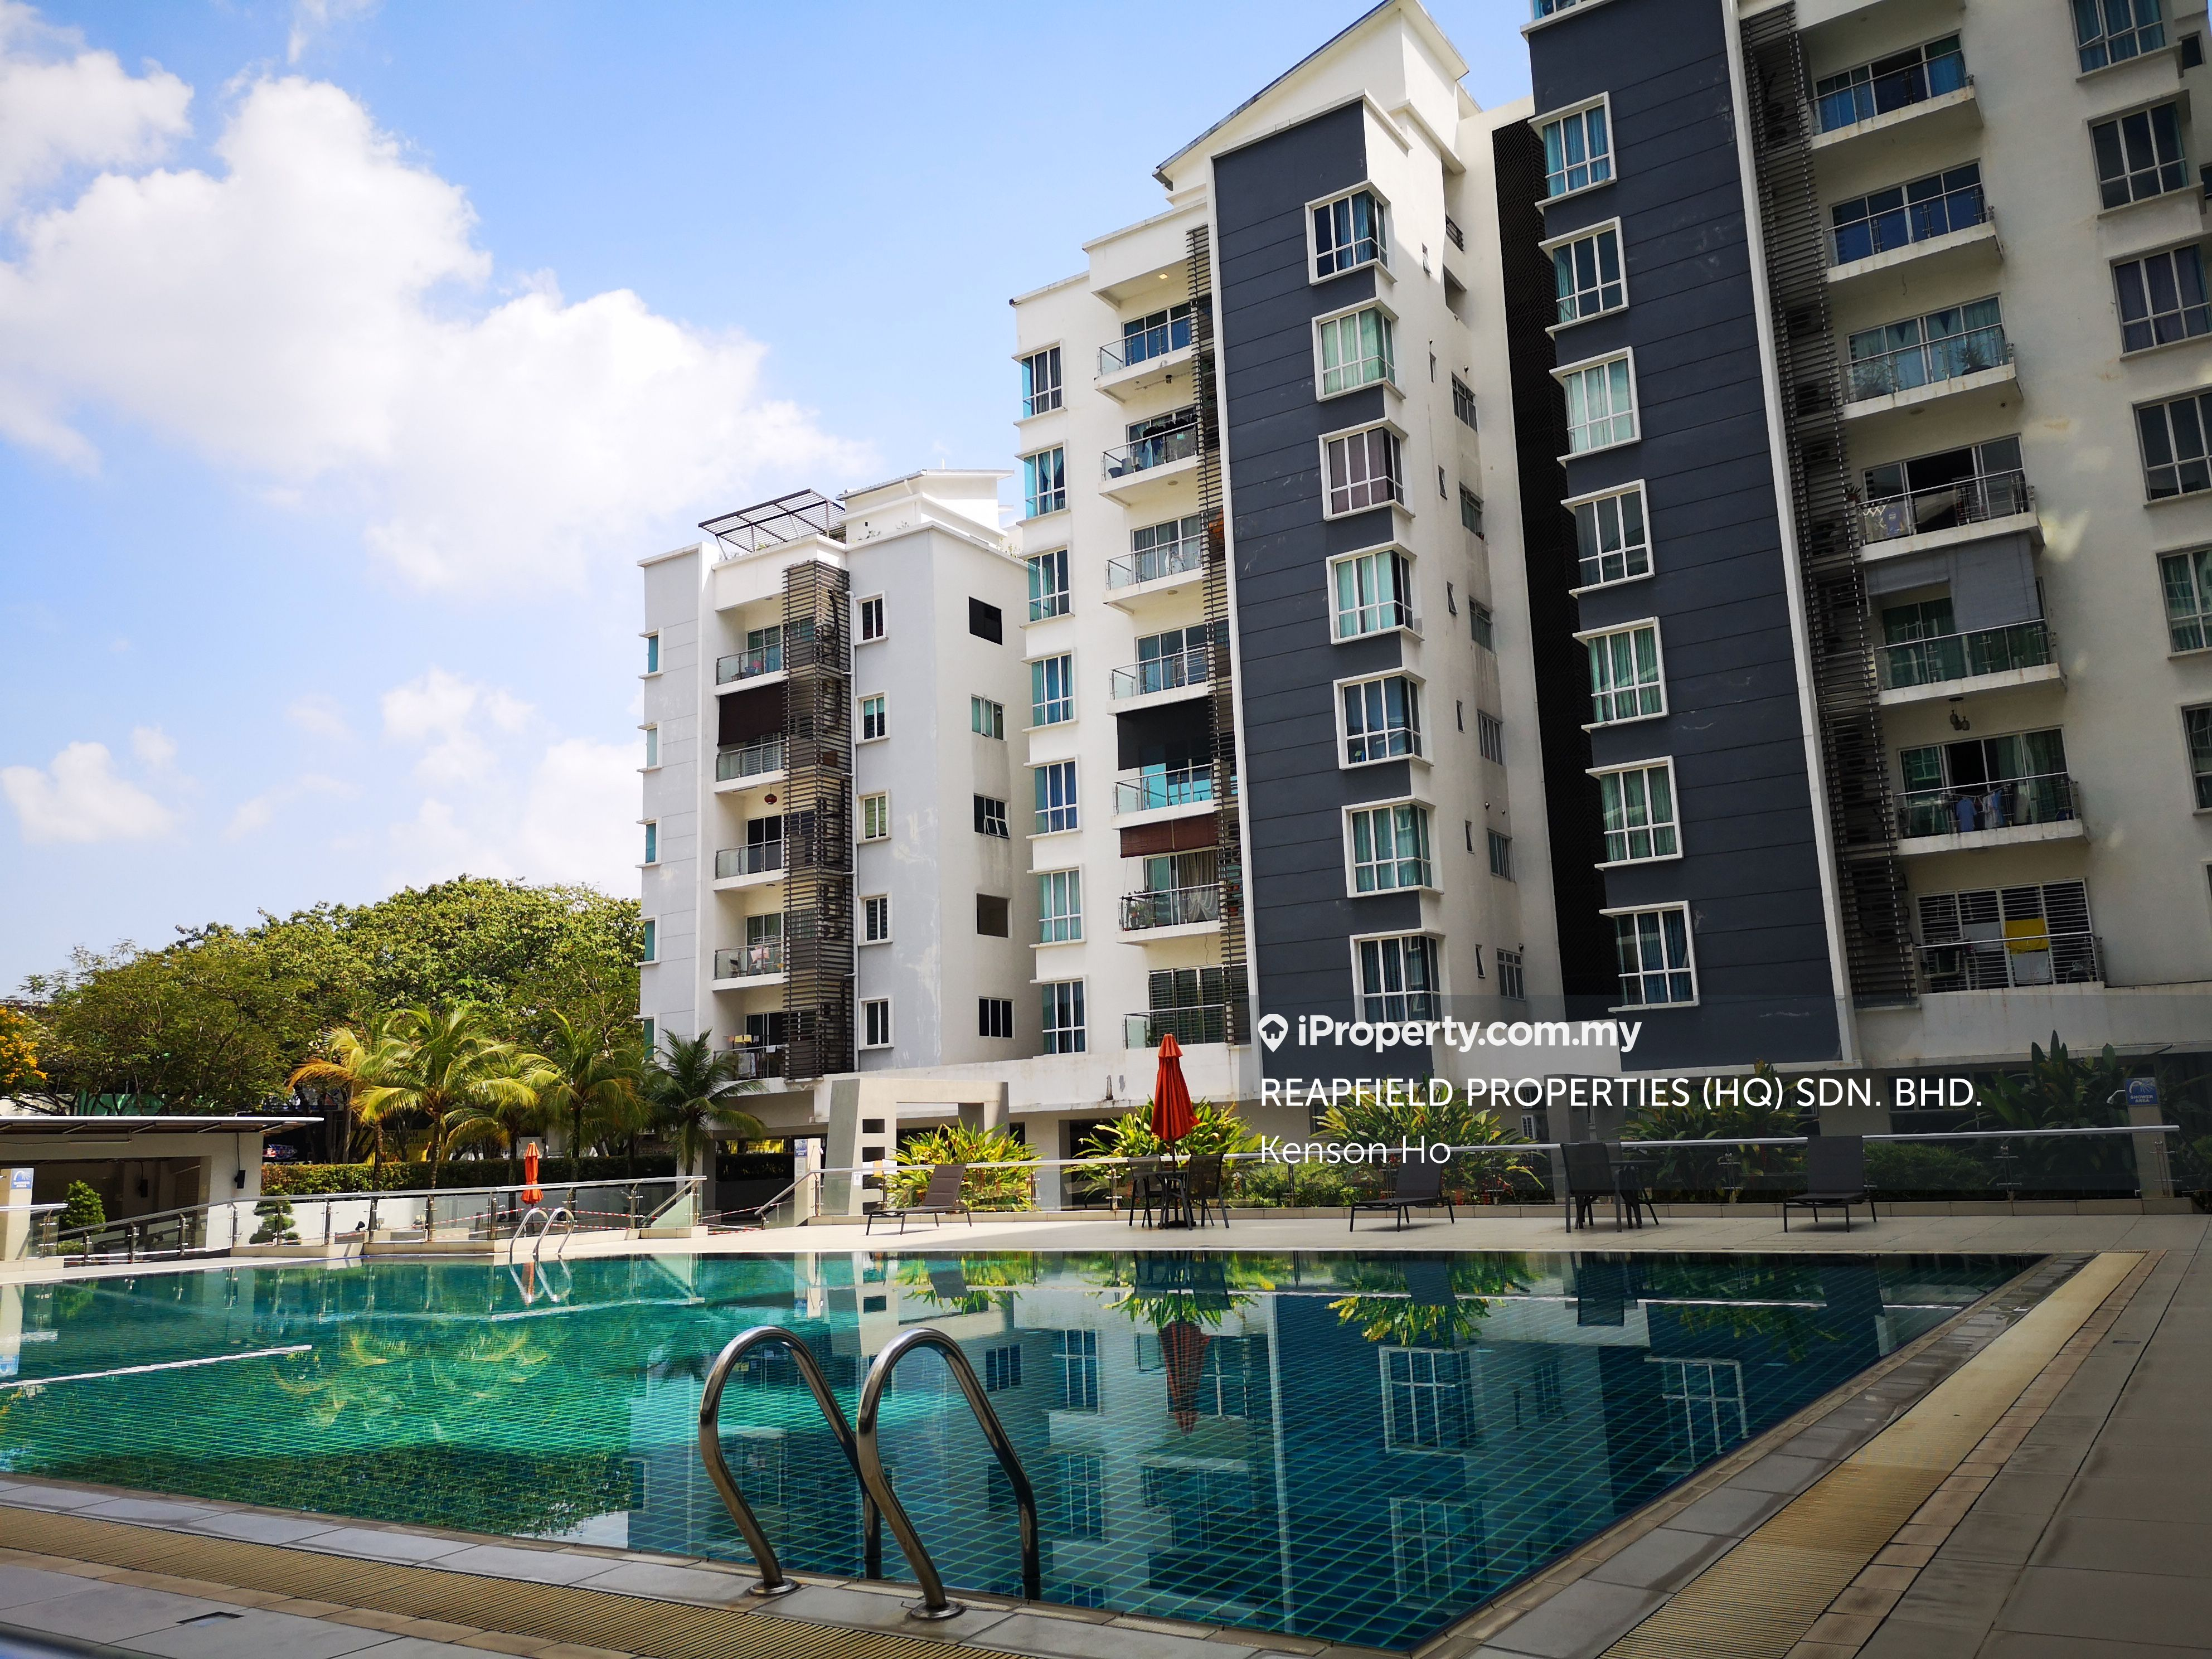 8 Petaling, Bandar Baru Sri Petaling, Sri Petaling